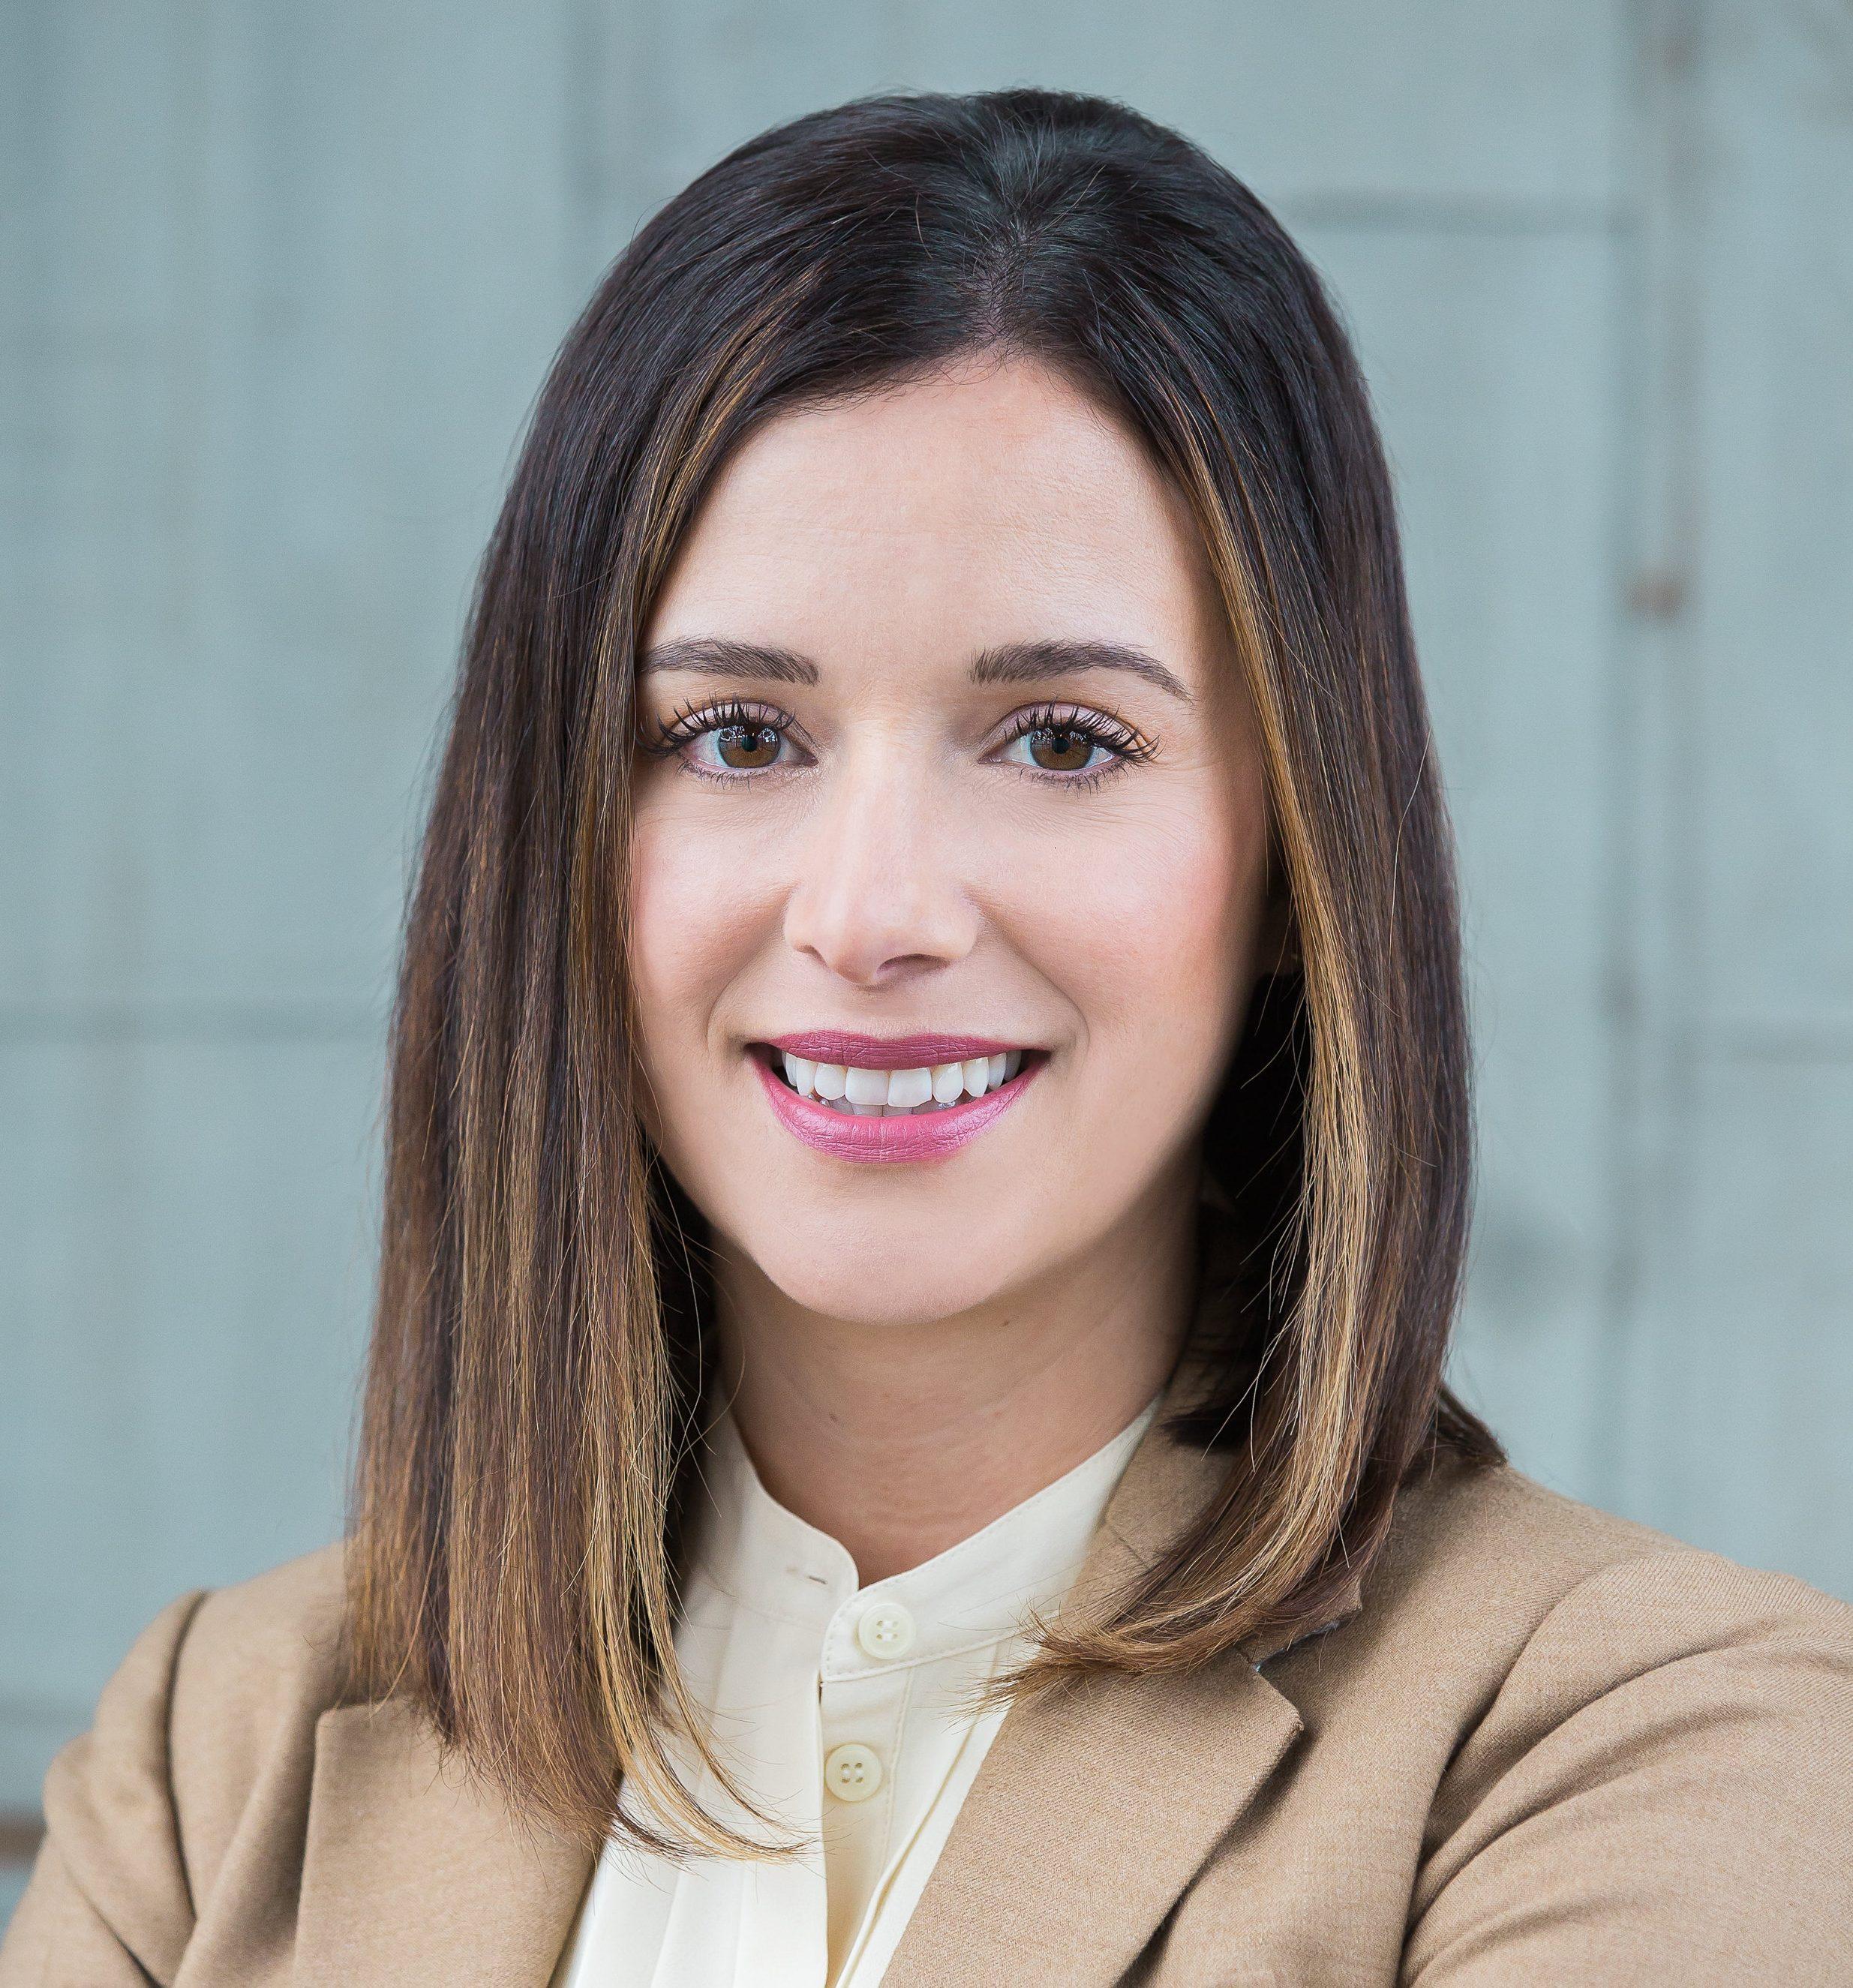 Jillian Mayer